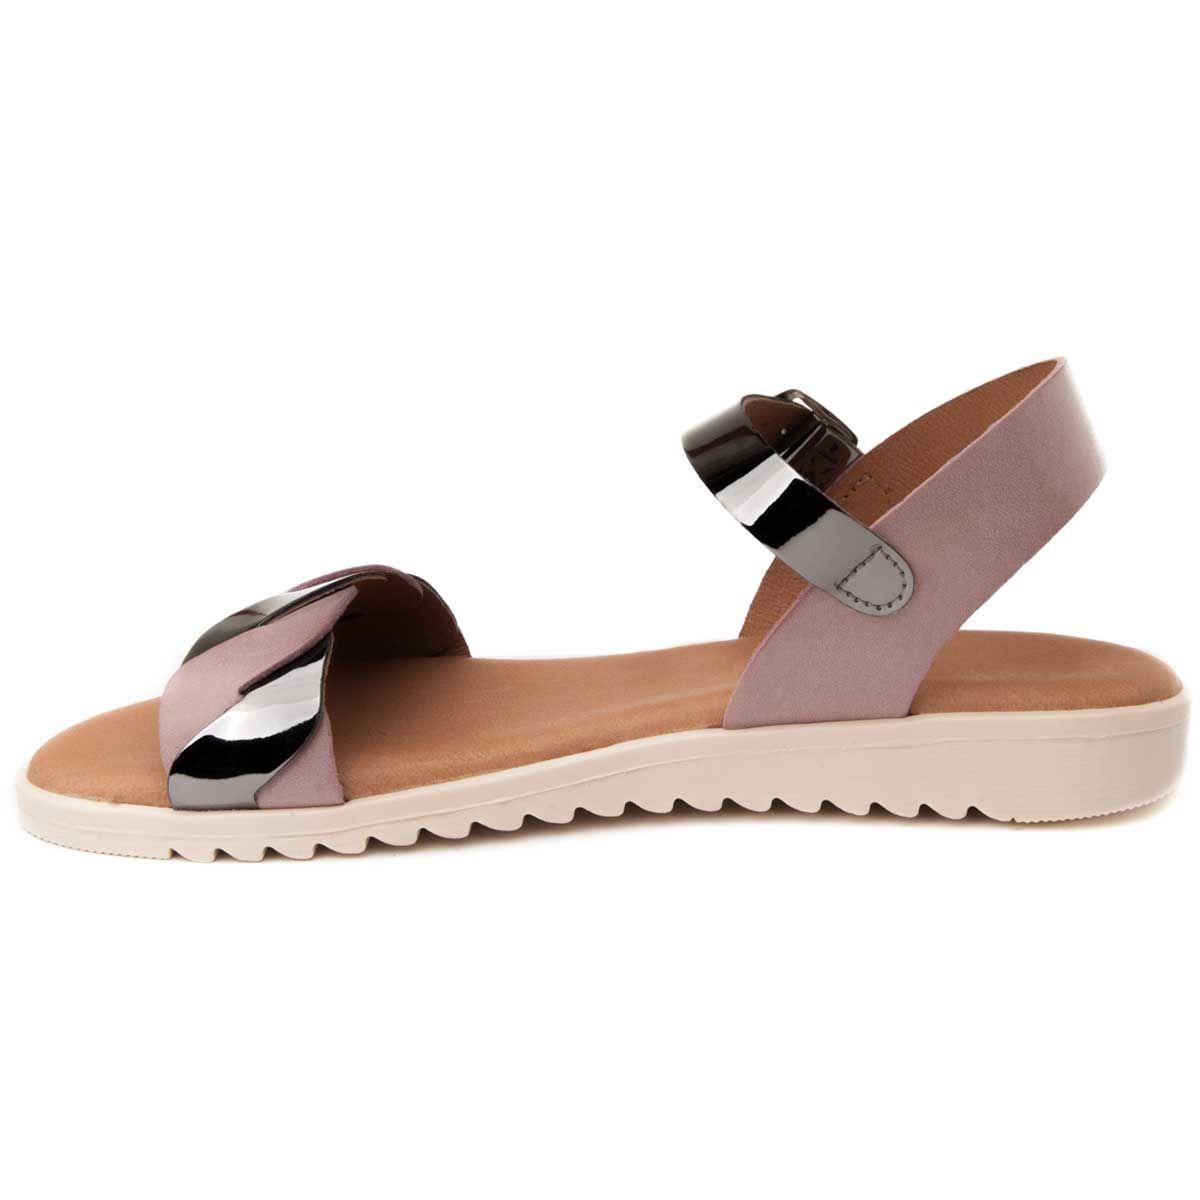 Purapiel Strappy Flat Sandal in Purple